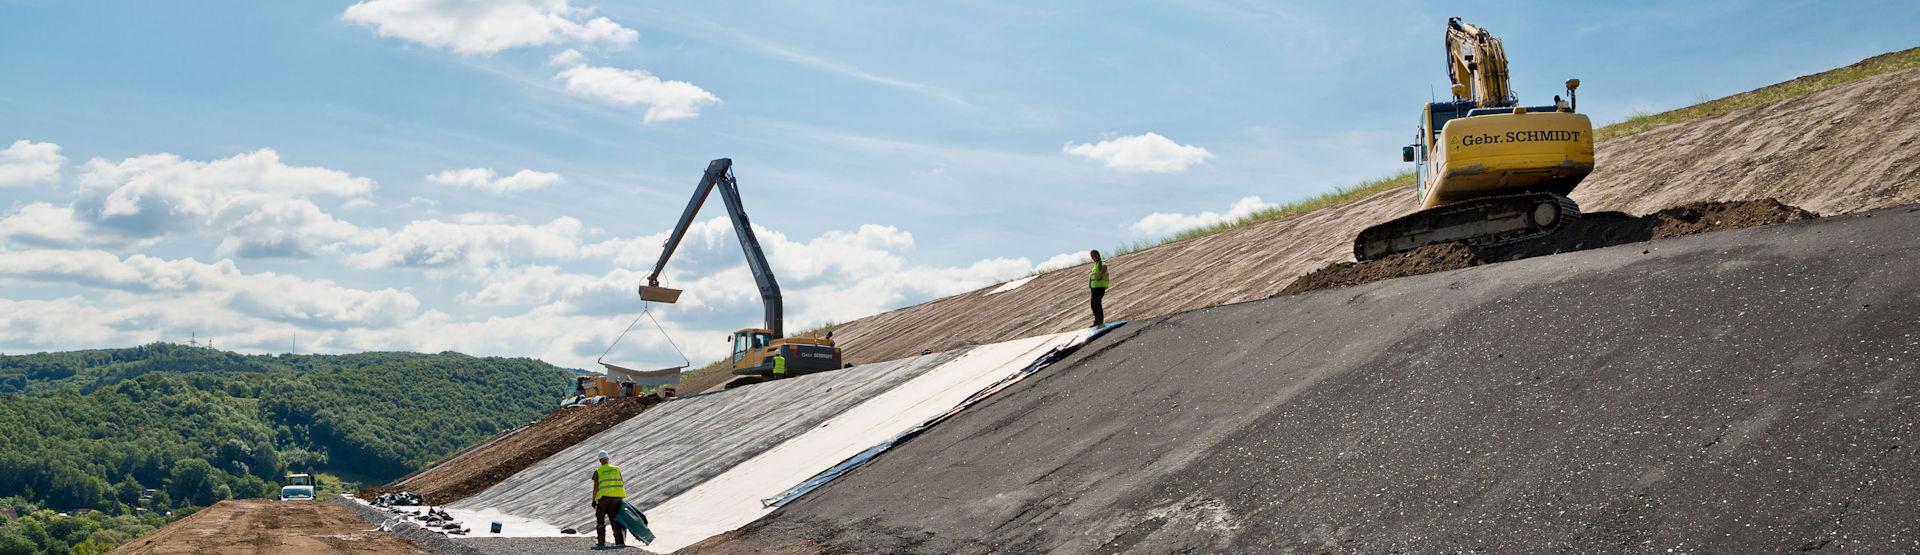 Bauunternehmen Iserlohn baustellen referenzen gebrüder schmidt bauunternehmen mit